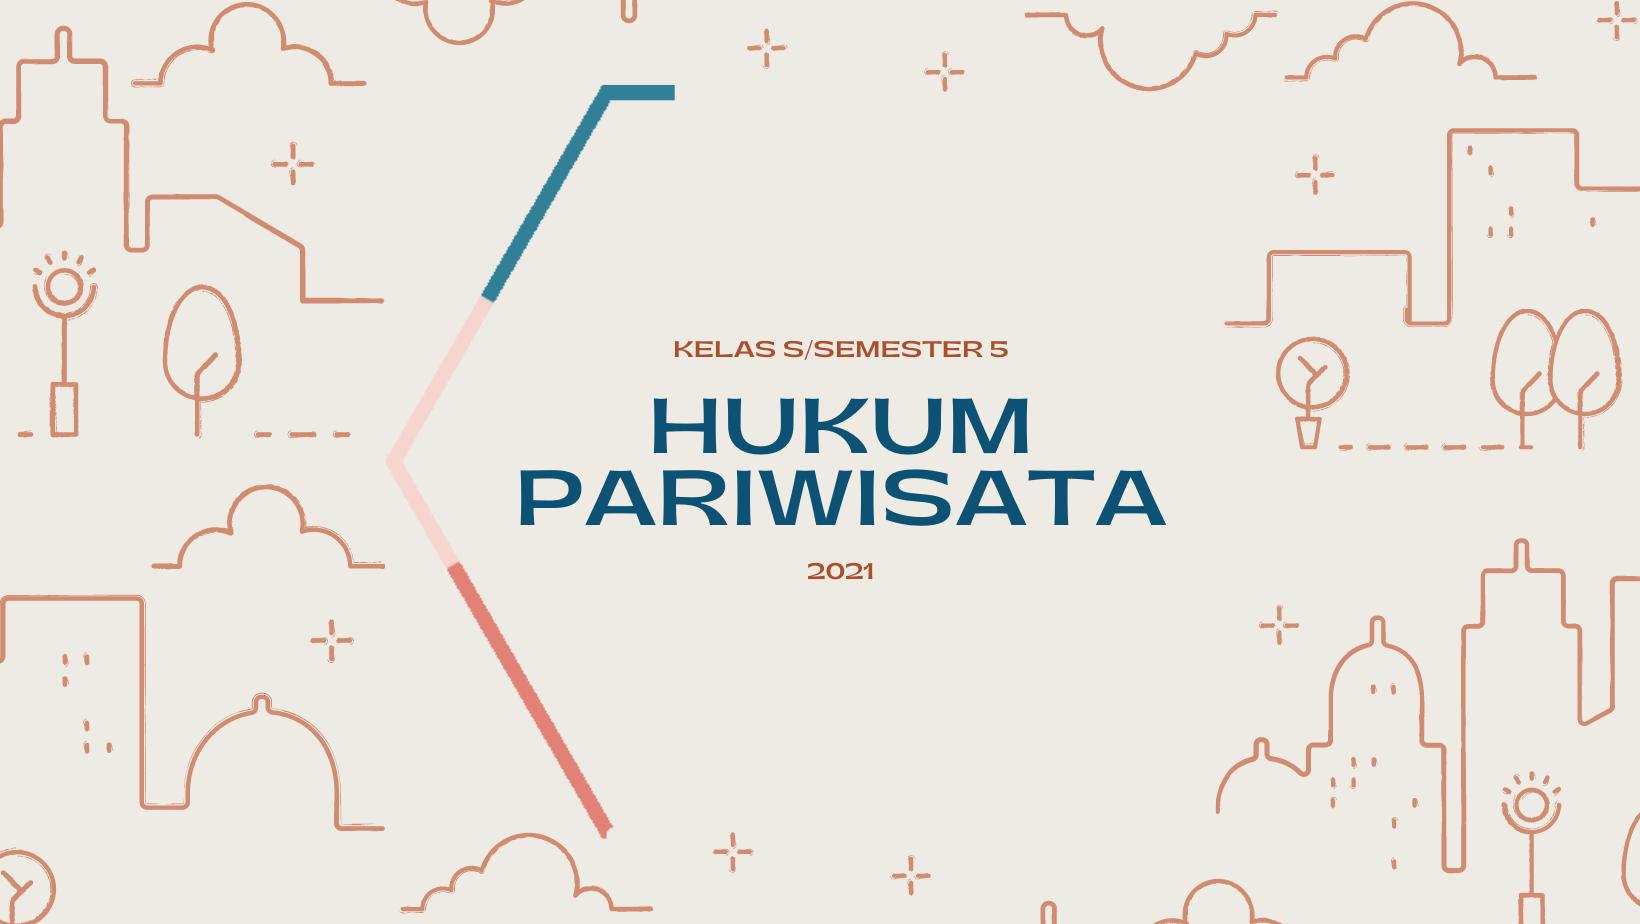 Hukum Pariwisata_S_SMT 5_20211